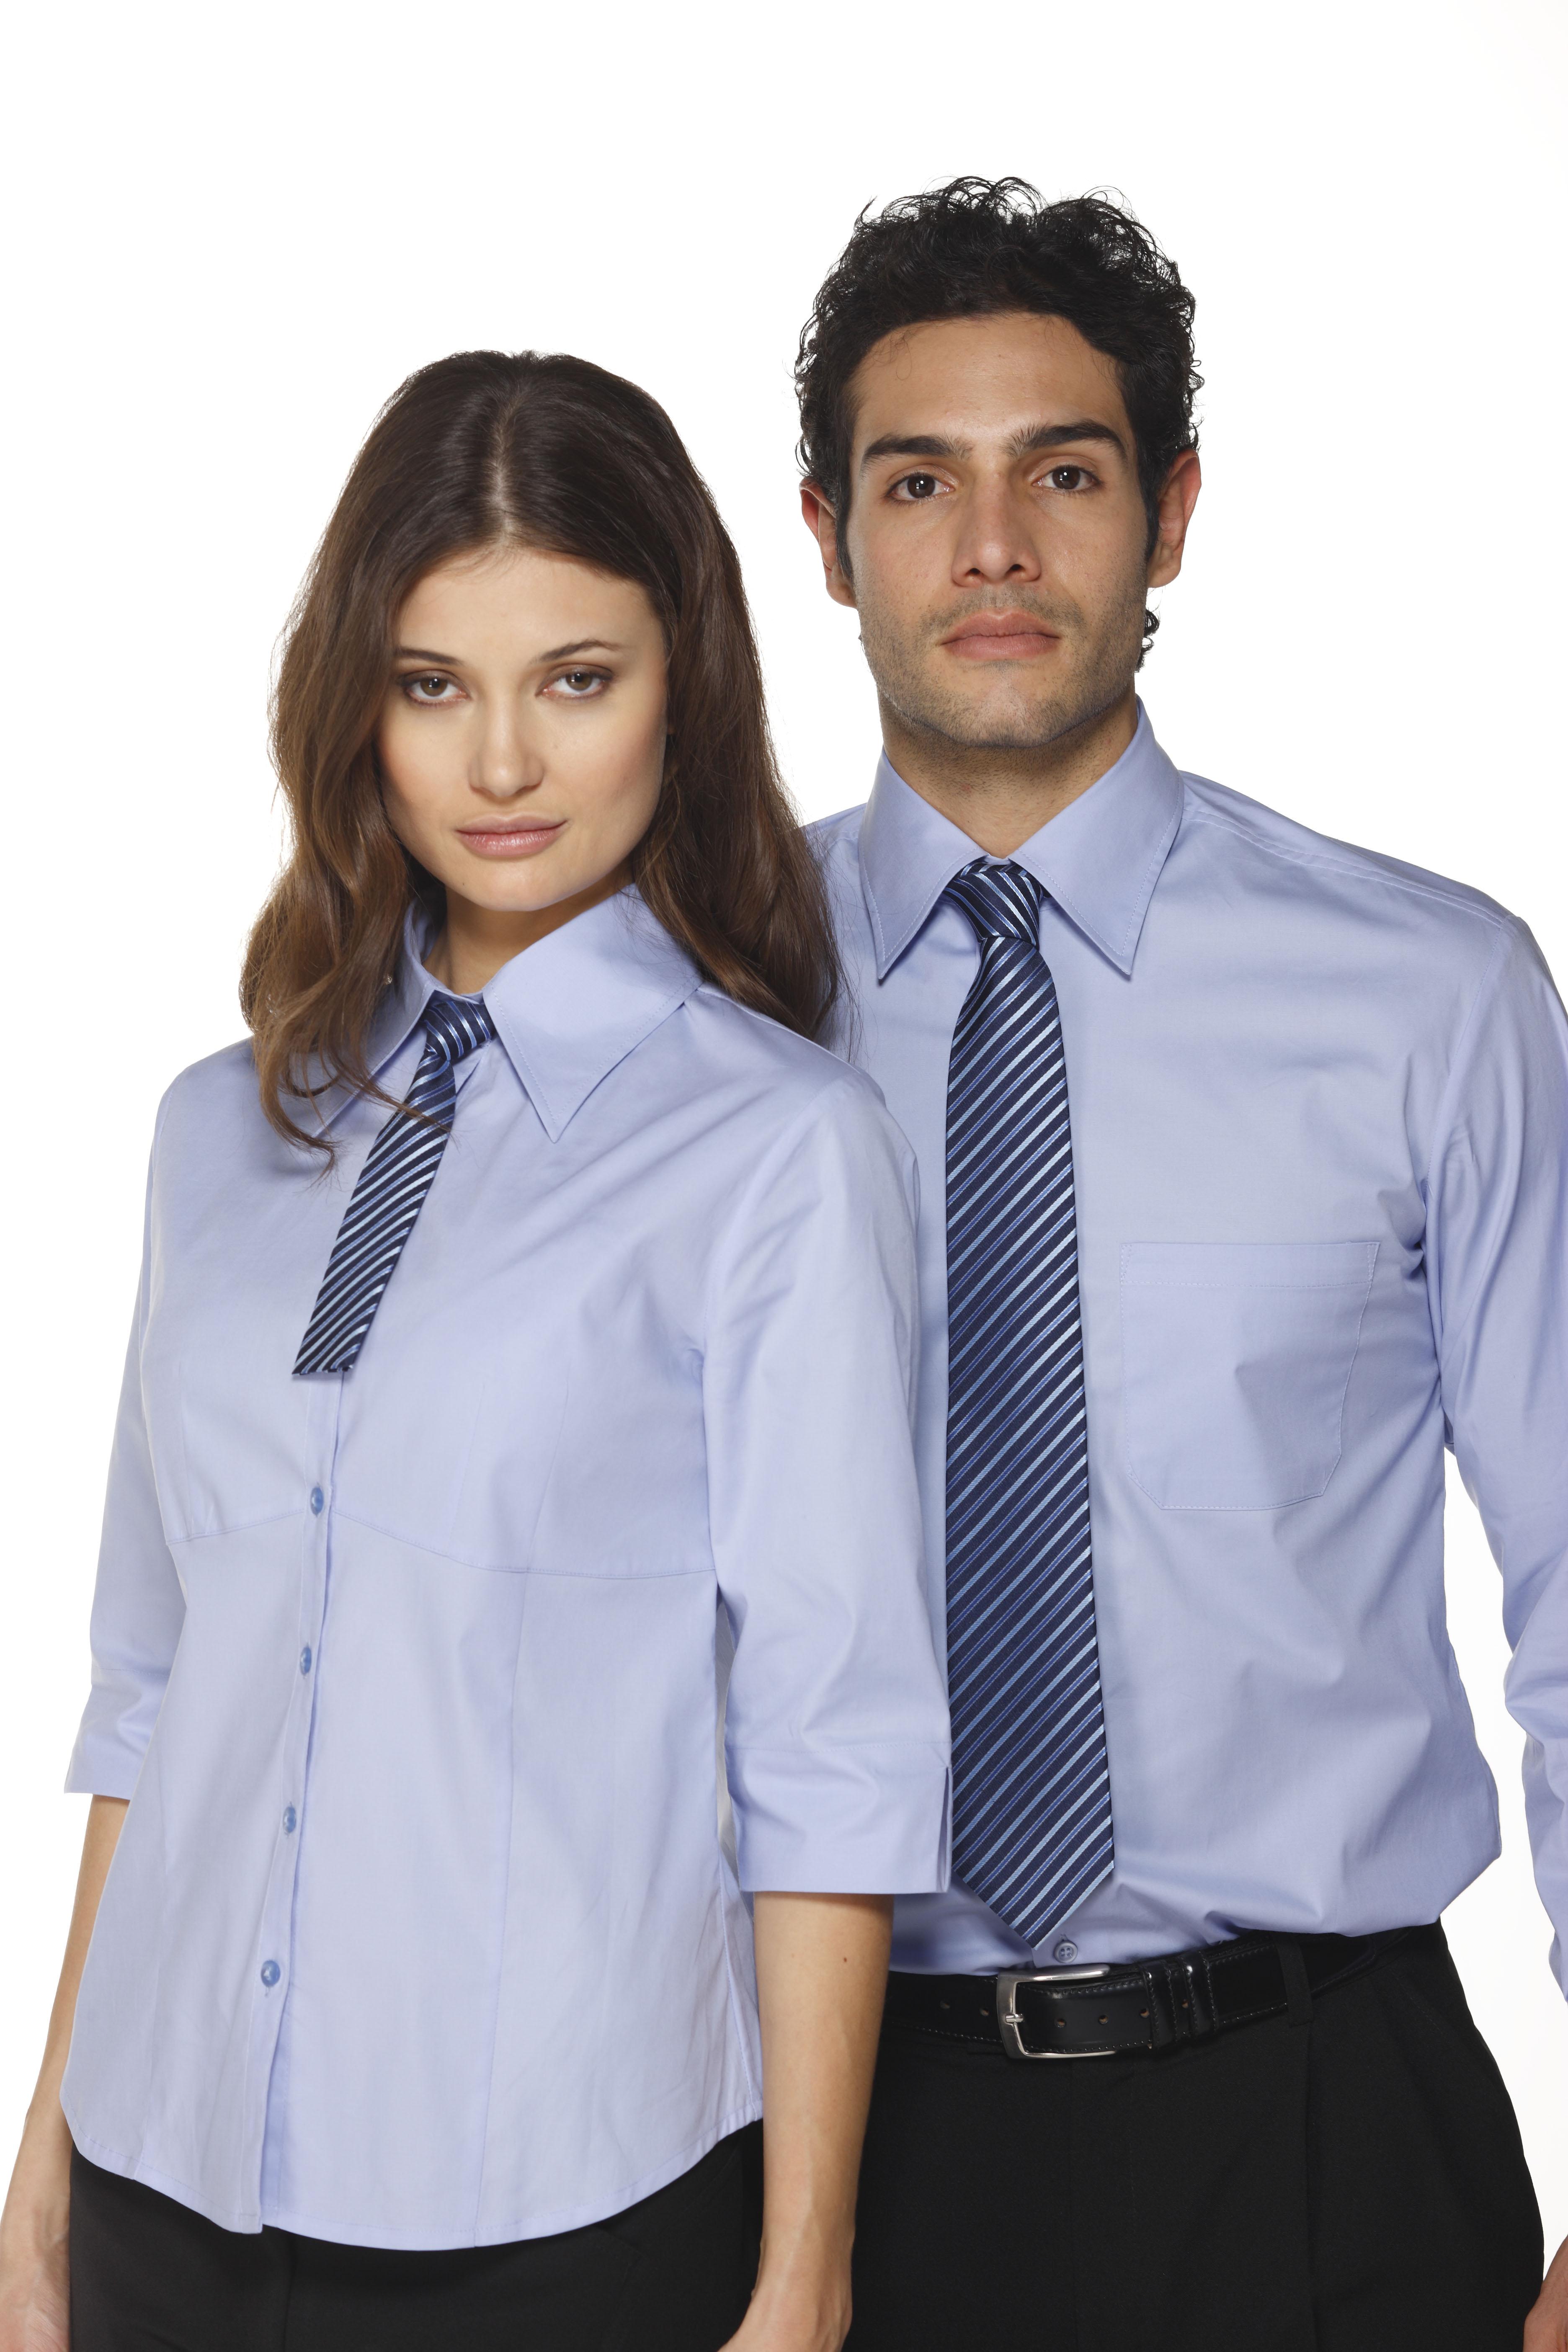 ماذا يجب عليك أن ترتدي قبل الذهاب إلى المقابلة الشخصية؟